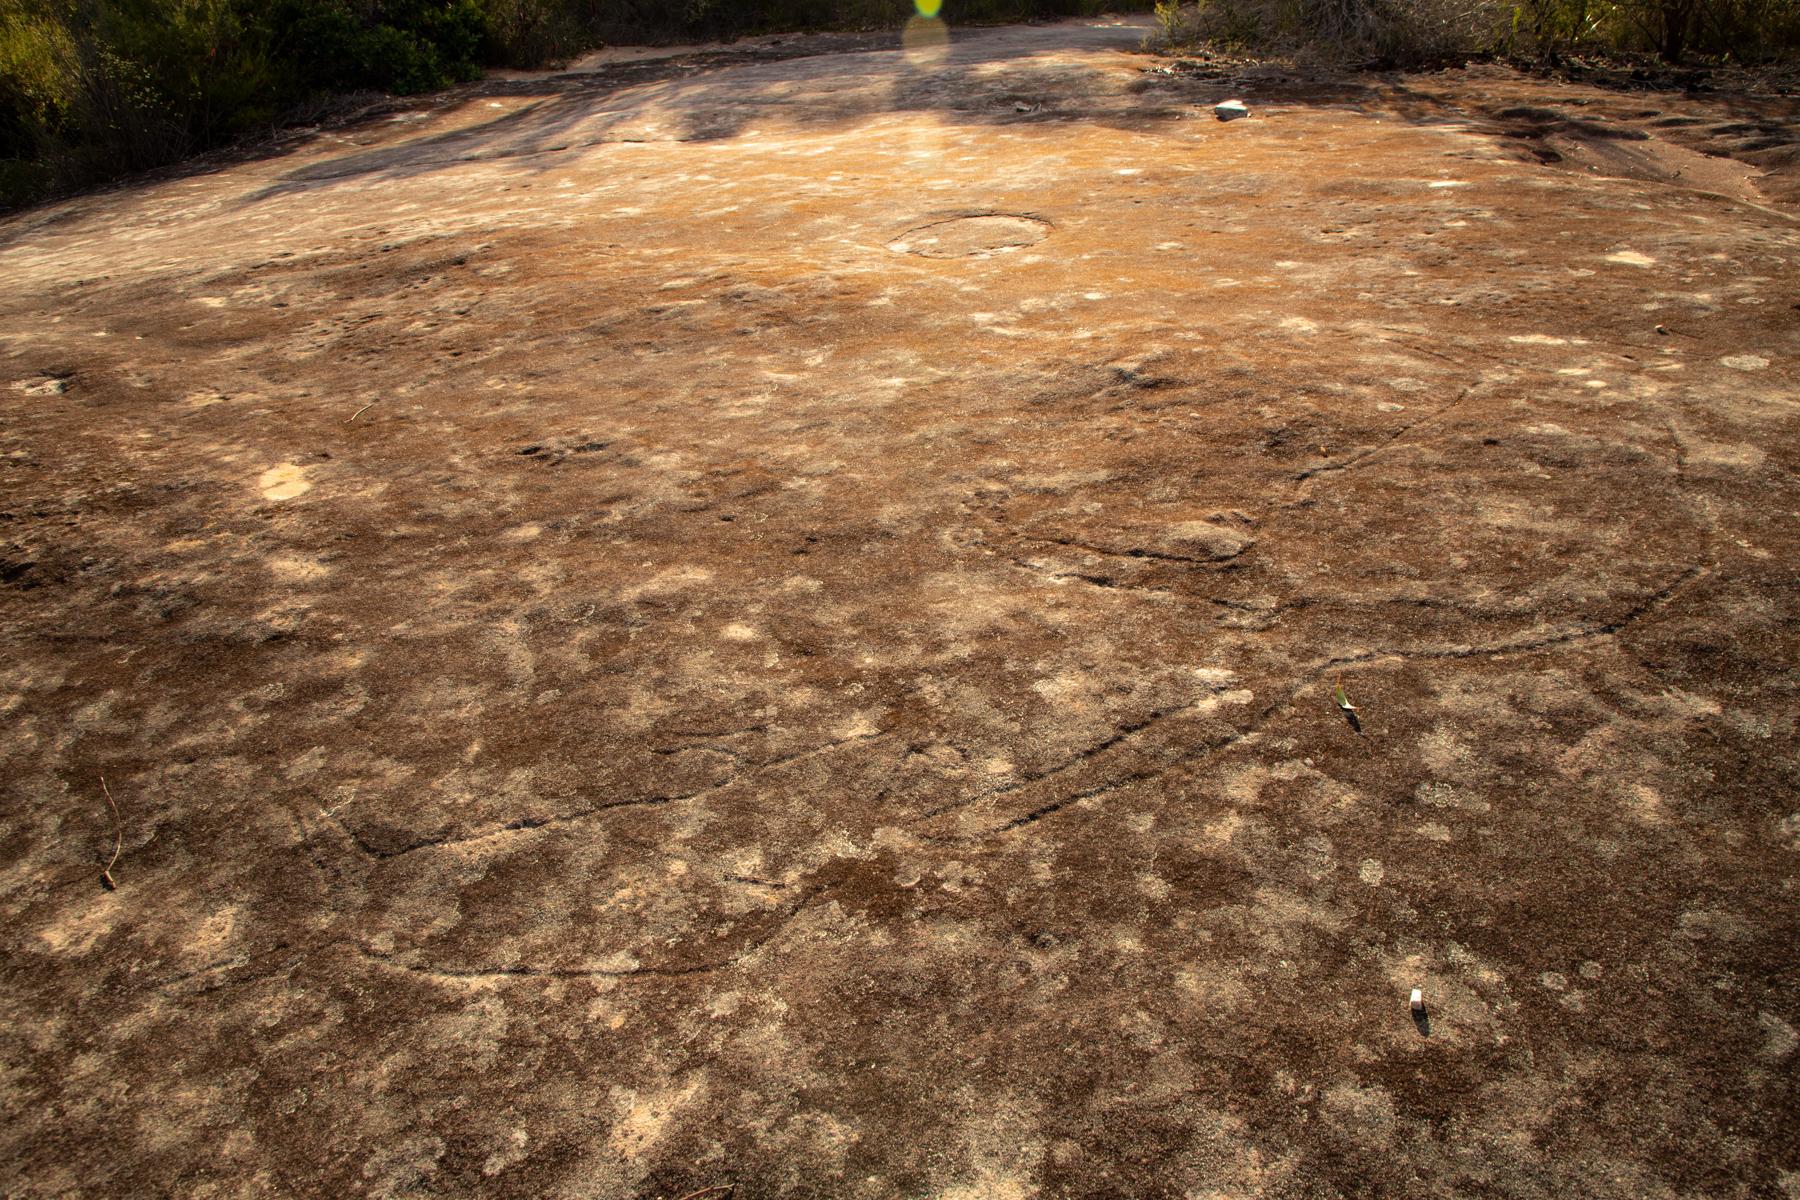 img 6795 lr Caleyi Trail Kangaroos